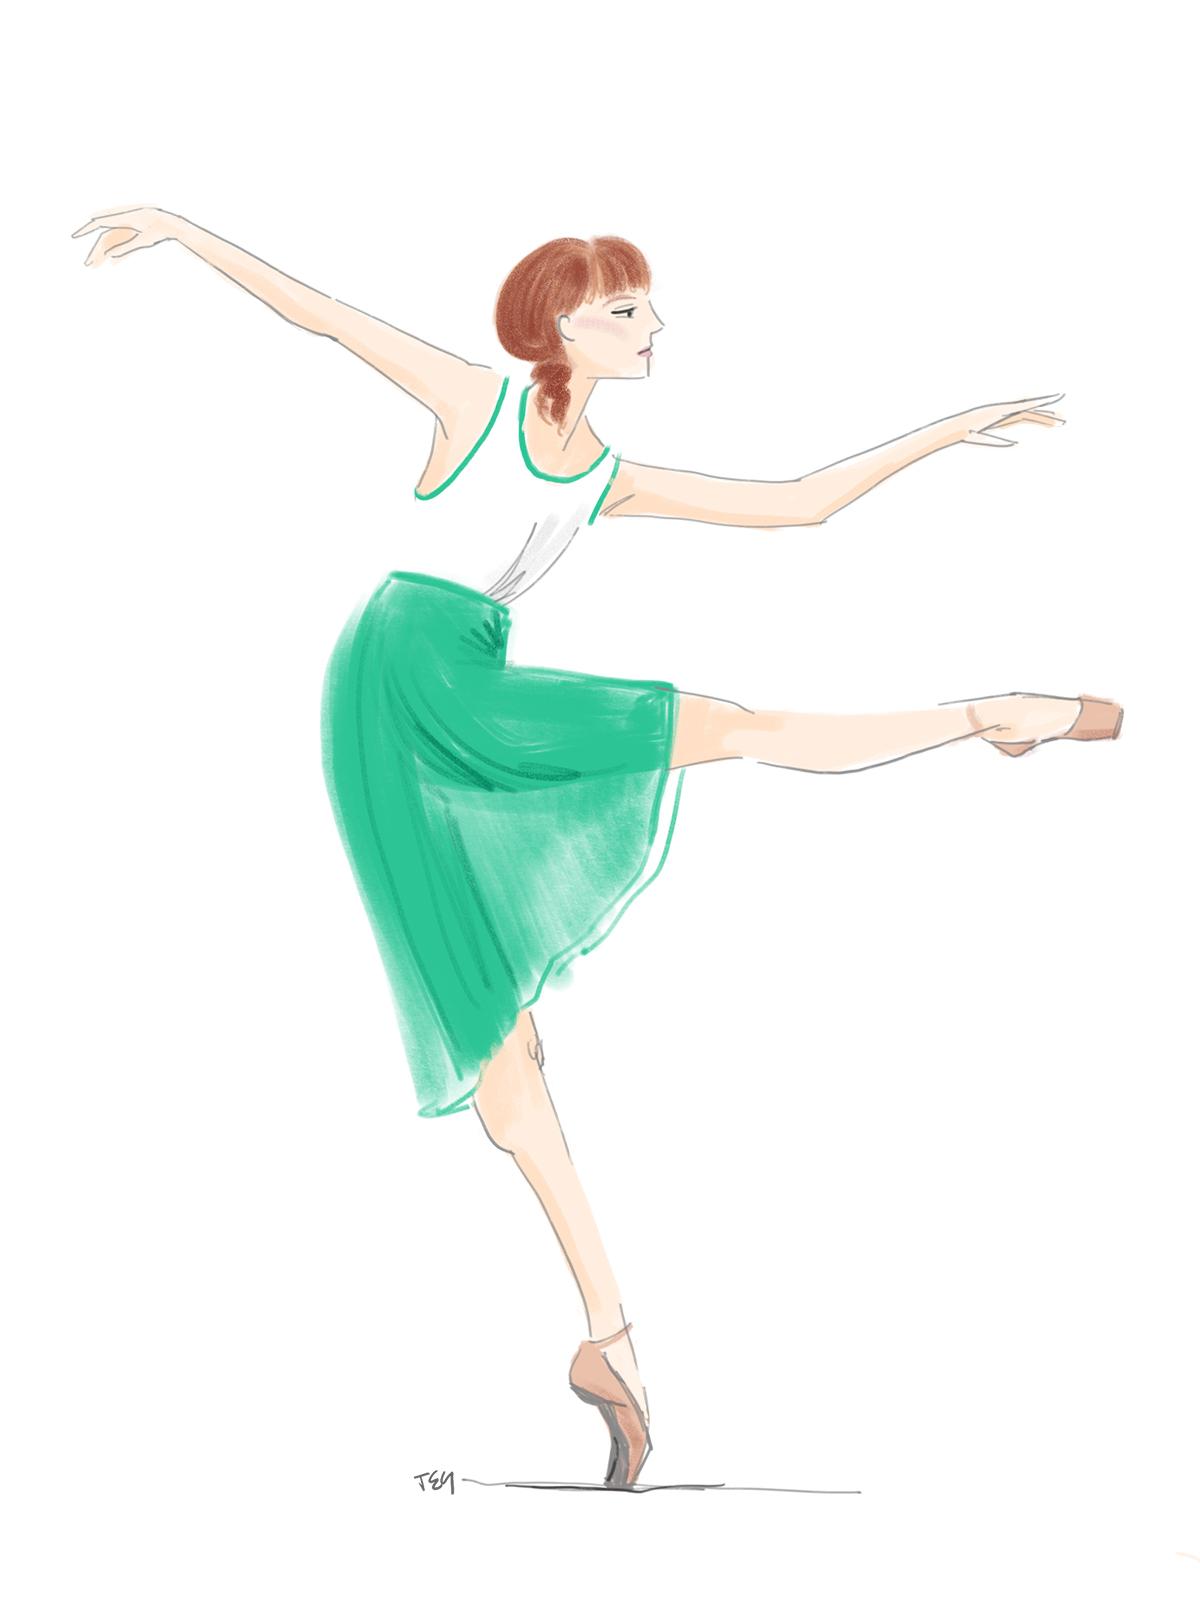 Ballerinas-3.jpg